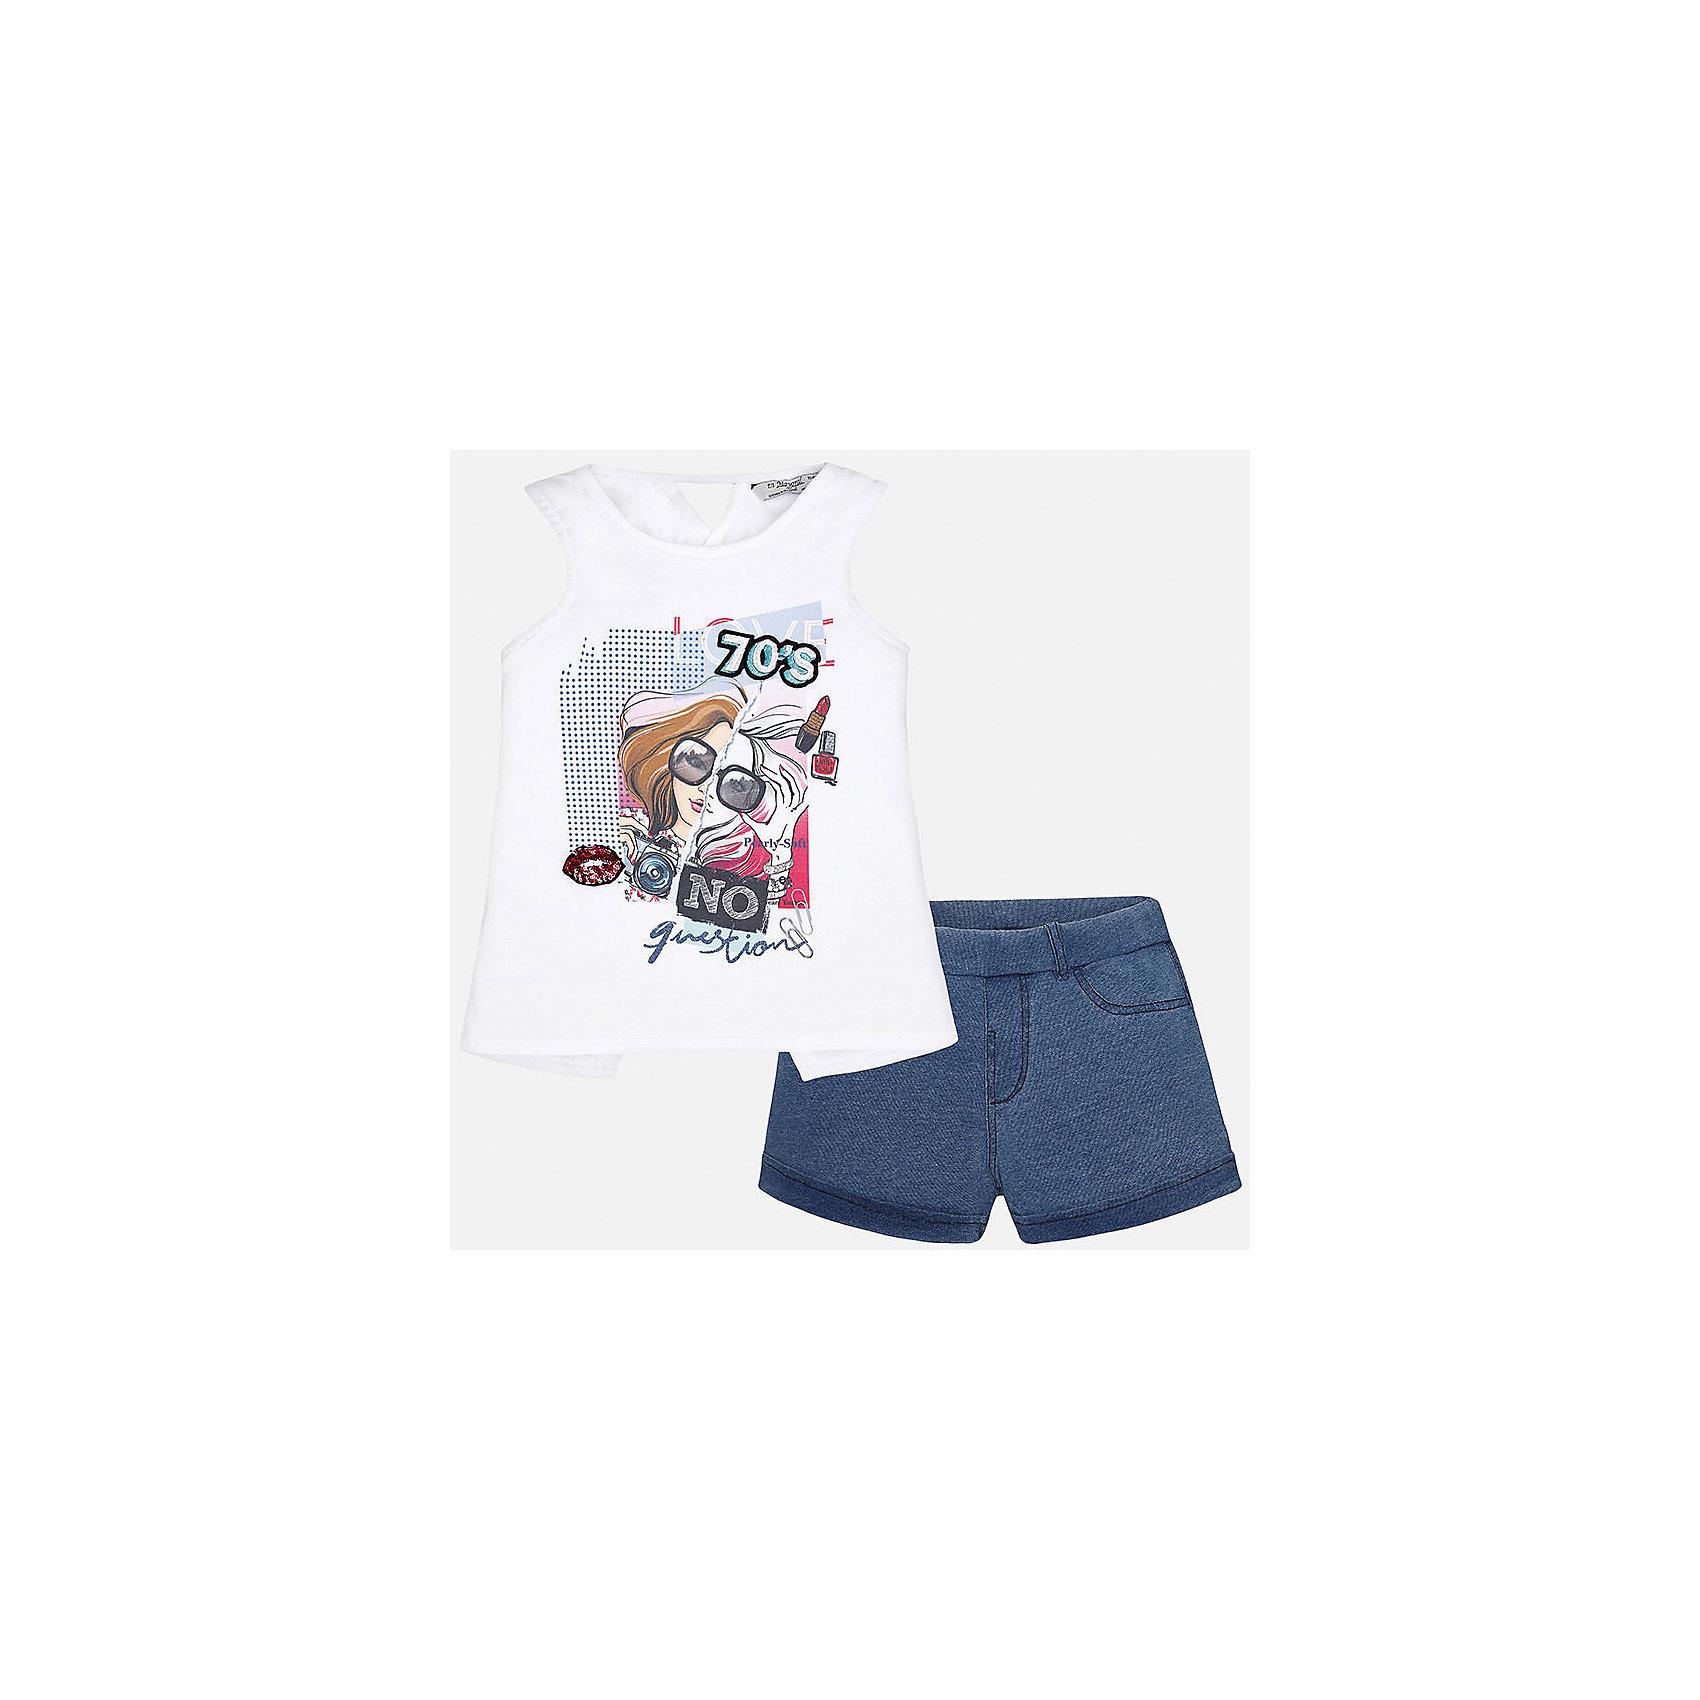 Комплект: топ и шорты для девочки MayoralКомплекты<br>Характеристики товара:<br><br>• цвет: белый/синий<br>• состав: футболка - 98% хлопок, 2% эластан; шорты - 100% хлопок<br>• карманы<br>• пуговица<br>• шлевки<br>• страна бренда: Испания<br><br>Стильные легкие шорты для девочки смогут разнообразить гардероб ребенка и украсить наряд. Они отлично сочетаются с майками, футболками, блузками. Красивый оттенок позволяет подобрать к вещи верх разных расцветок. Интересный крой модели делает её нарядной и оригинальной. В составе материала - натуральный хлопок, гипоаллергенный, приятный на ощупь, дышащий.<br><br>Одежда, обувь и аксессуары от испанского бренда Mayoral полюбились детям и взрослым по всему миру. Модели этой марки - стильные и удобные. Для их производства используются только безопасные, качественные материалы и фурнитура. Порадуйте ребенка модными и красивыми вещами от Mayoral! <br><br>Шорты для девочки от испанского бренда Mayoral (Майорал) можно купить в нашем интернет-магазине.<br><br>Ширина мм: 191<br>Глубина мм: 10<br>Высота мм: 175<br>Вес г: 273<br>Цвет: голубой<br>Возраст от месяцев: 132<br>Возраст до месяцев: 144<br>Пол: Женский<br>Возраст: Детский<br>Размер: 152,164,128/134,140,158<br>SKU: 5292726